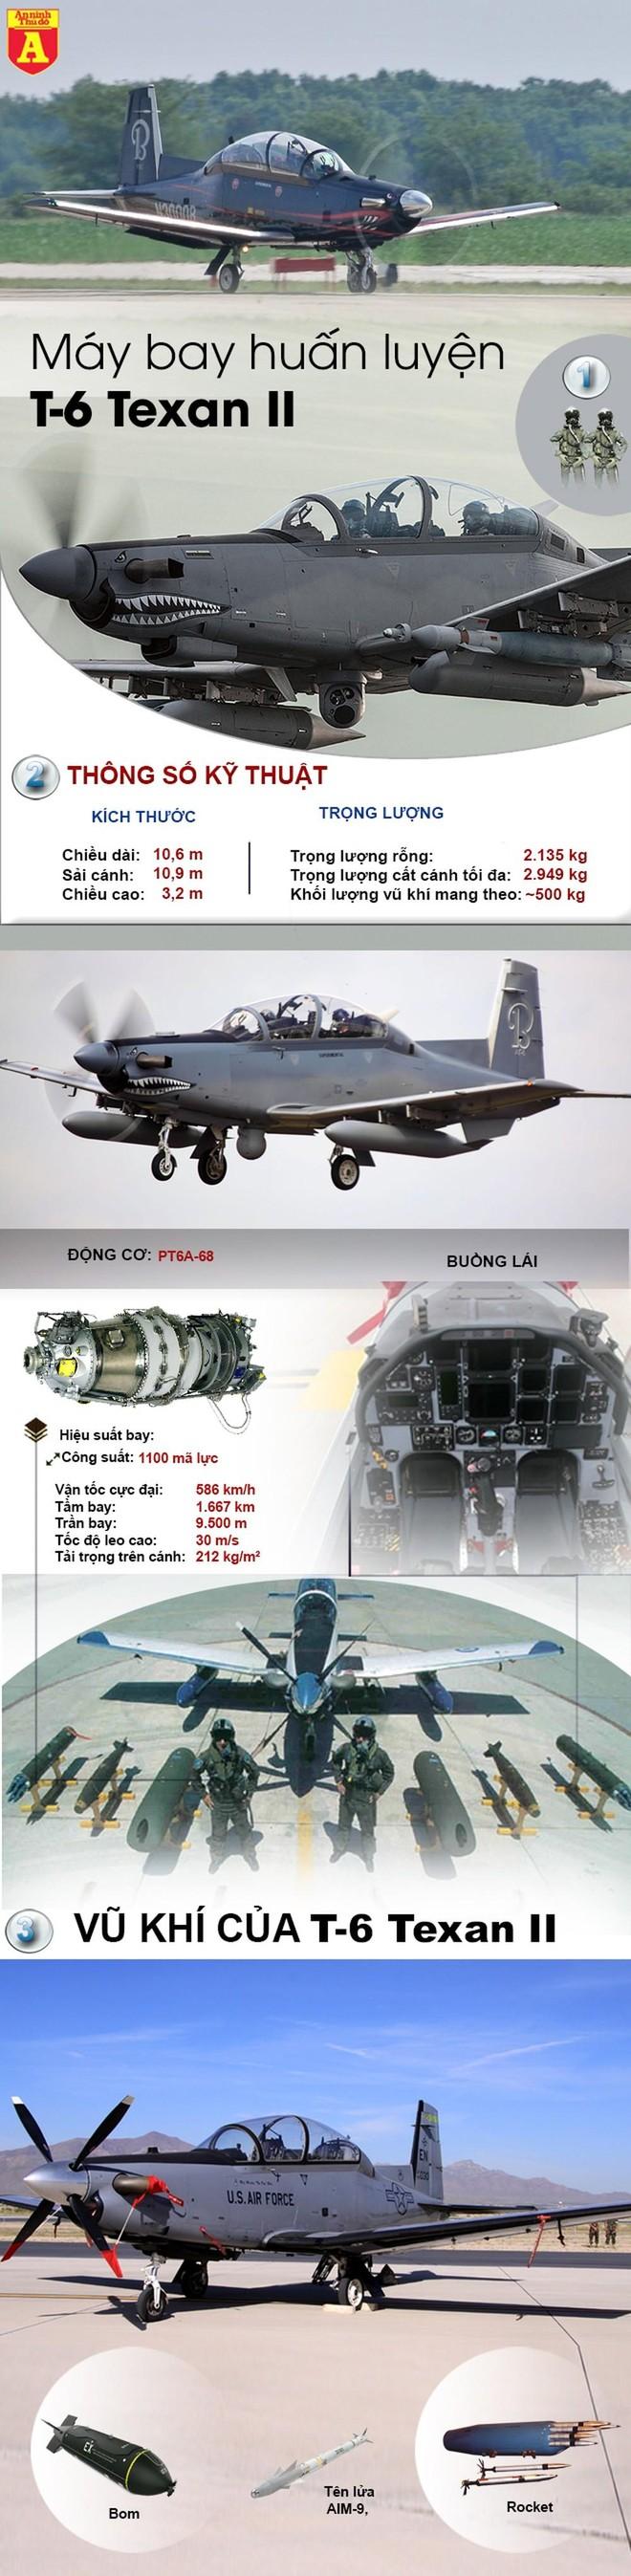 [Info] T-6 Texan II, dòng huấn luyện cơ đắt hàng của Mỹ ảnh 6